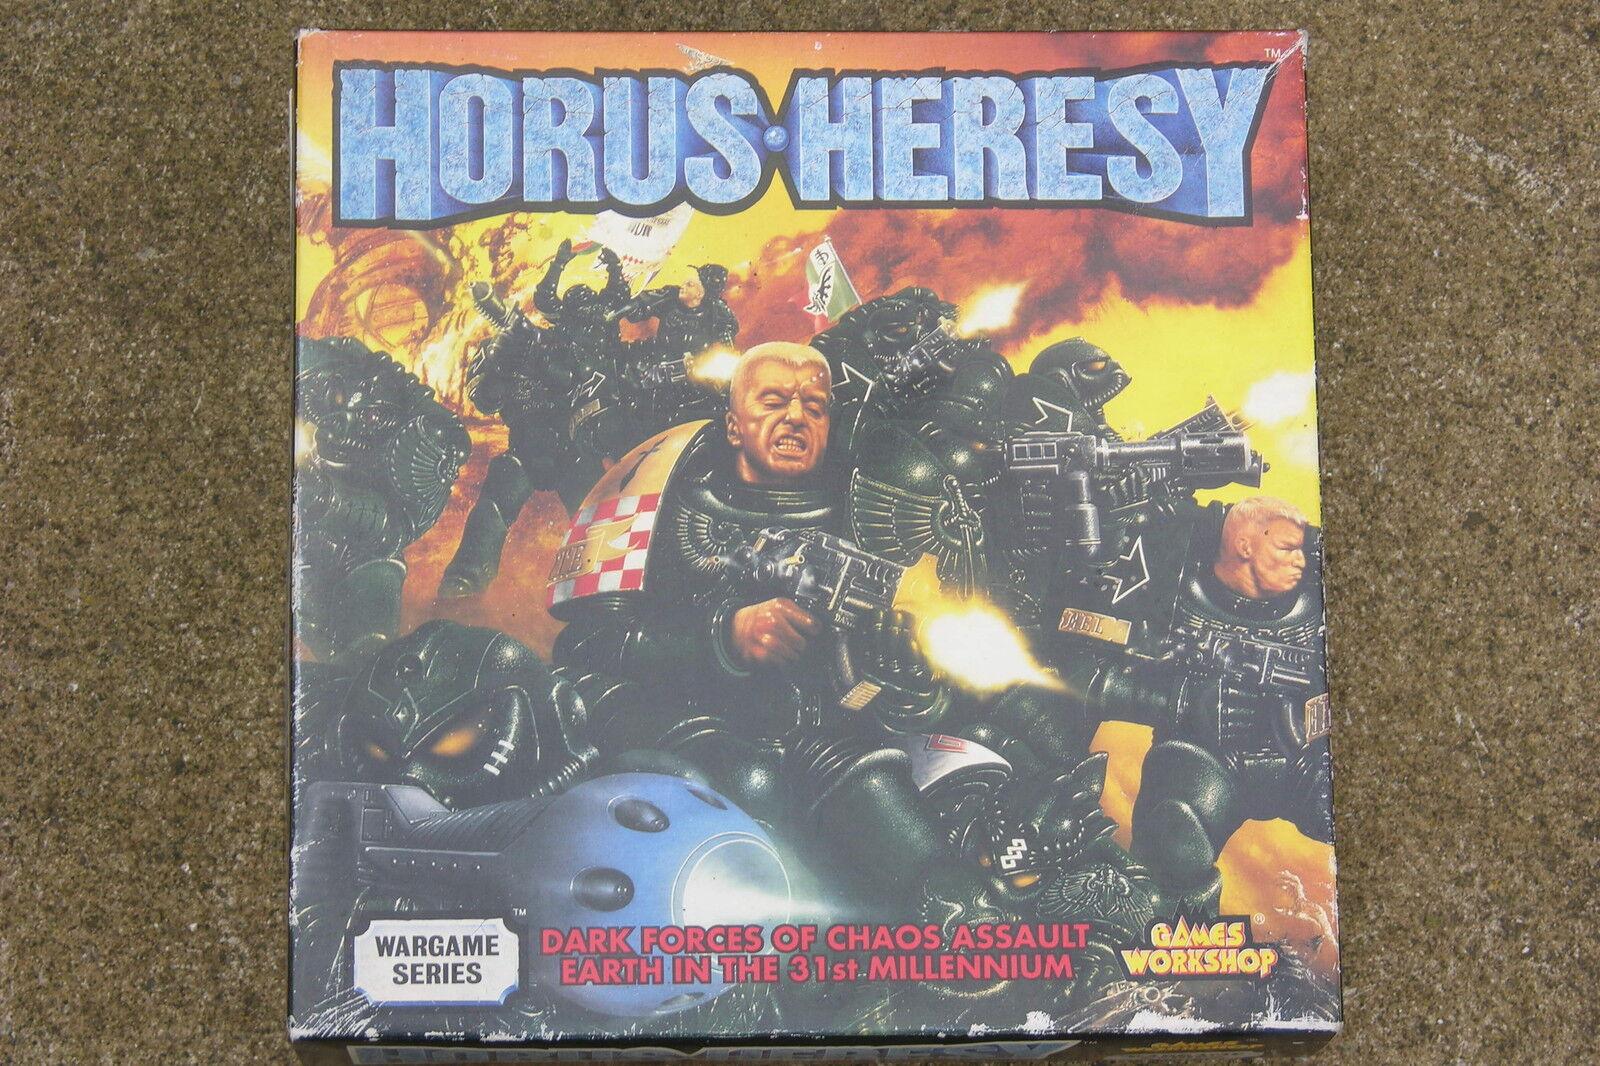 HORUS-HERESY, GAMES WORKSHOP WARGAME SERIES